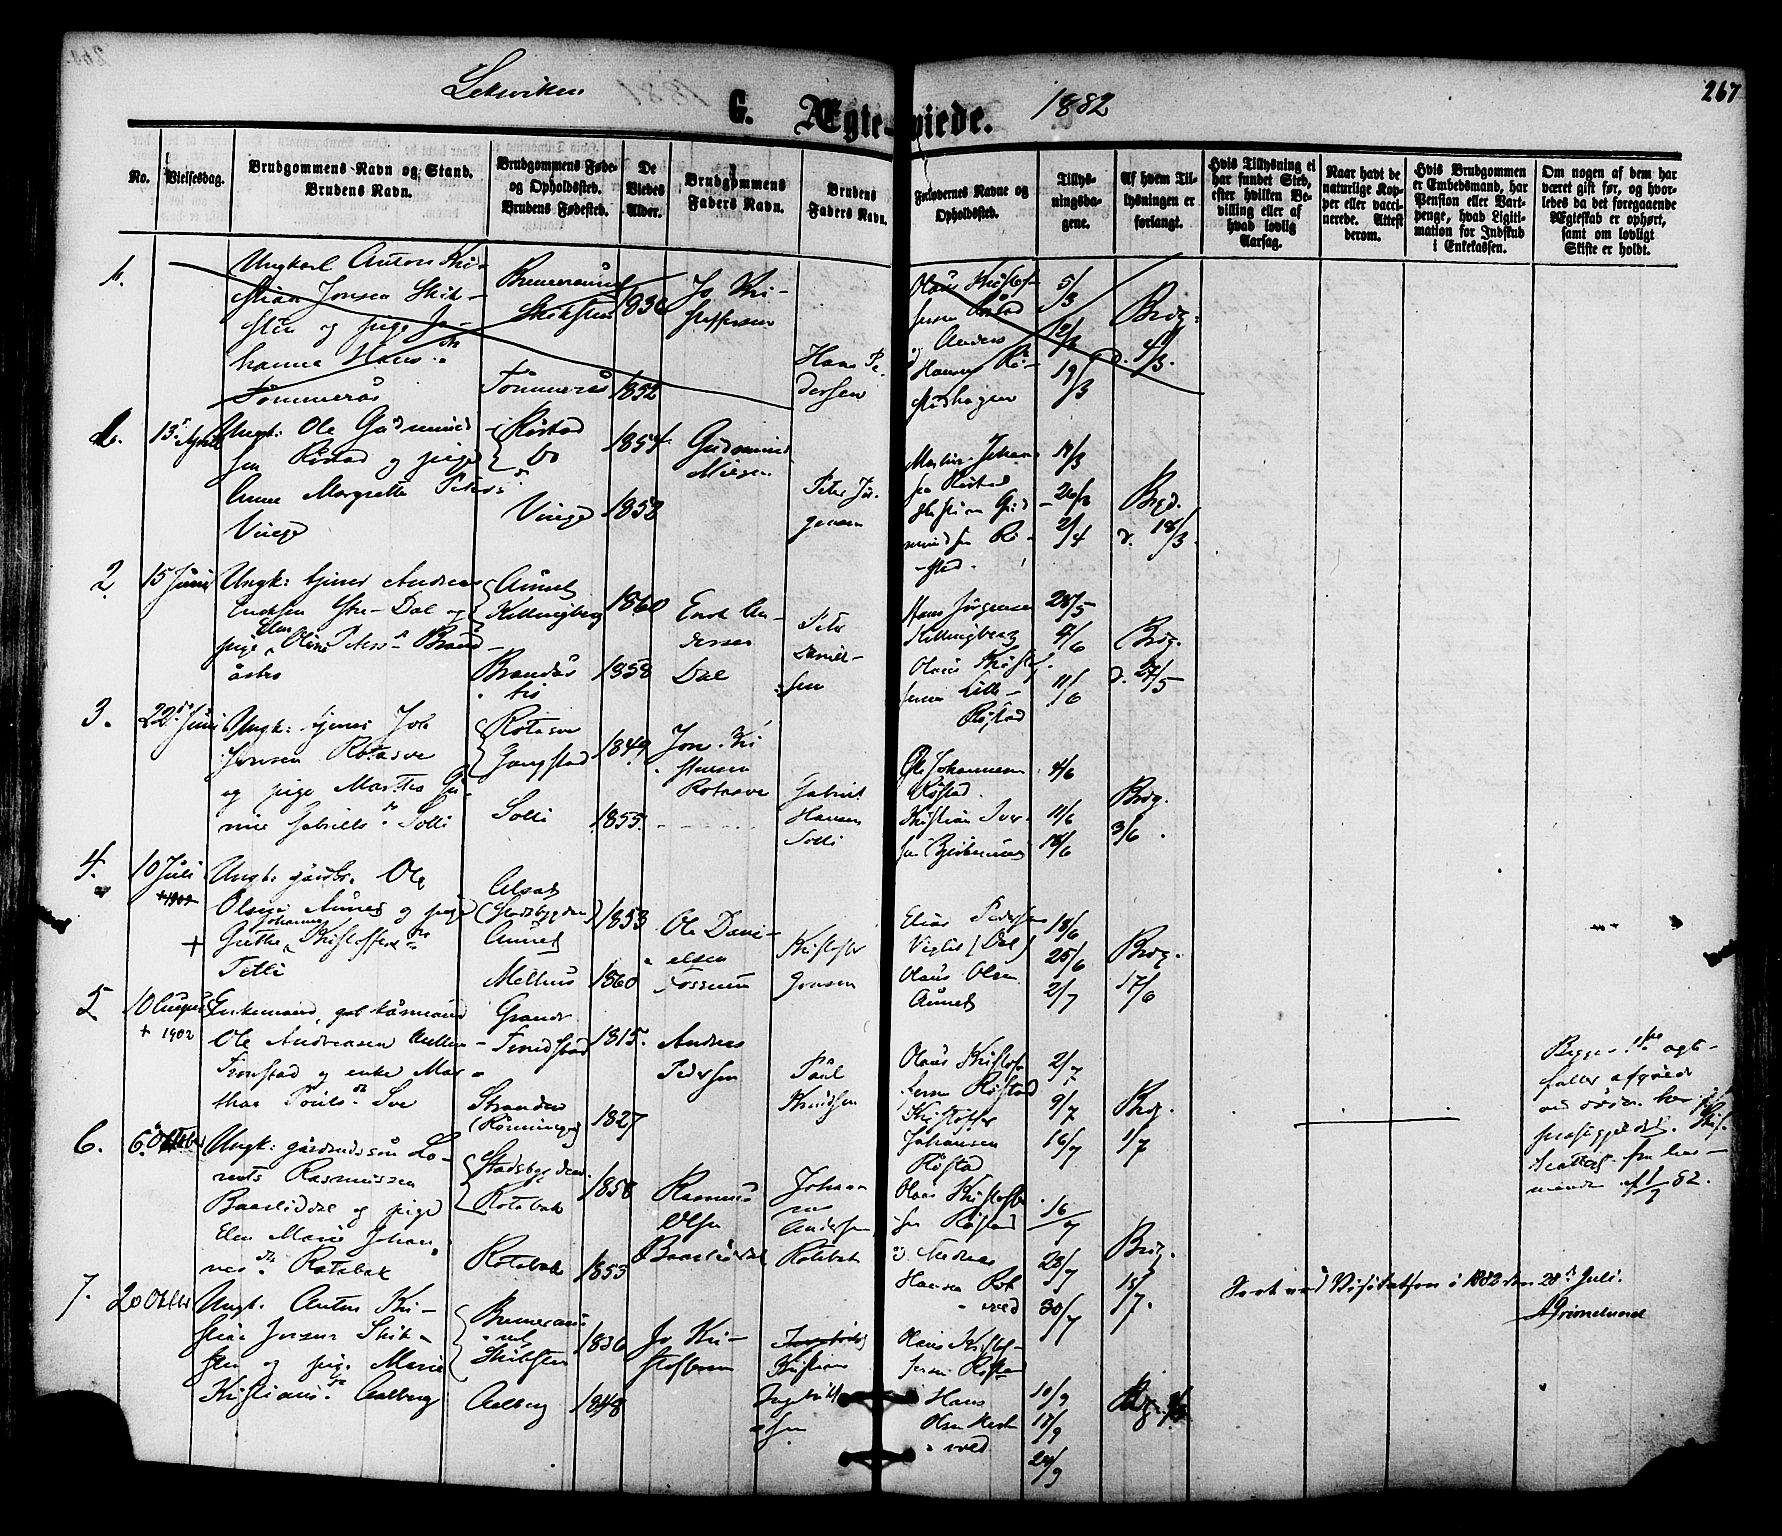 SAT, Ministerialprotokoller, klokkerbøker og fødselsregistre - Nord-Trøndelag, 701/L0009: Ministerialbok nr. 701A09 /1, 1864-1882, s. 267